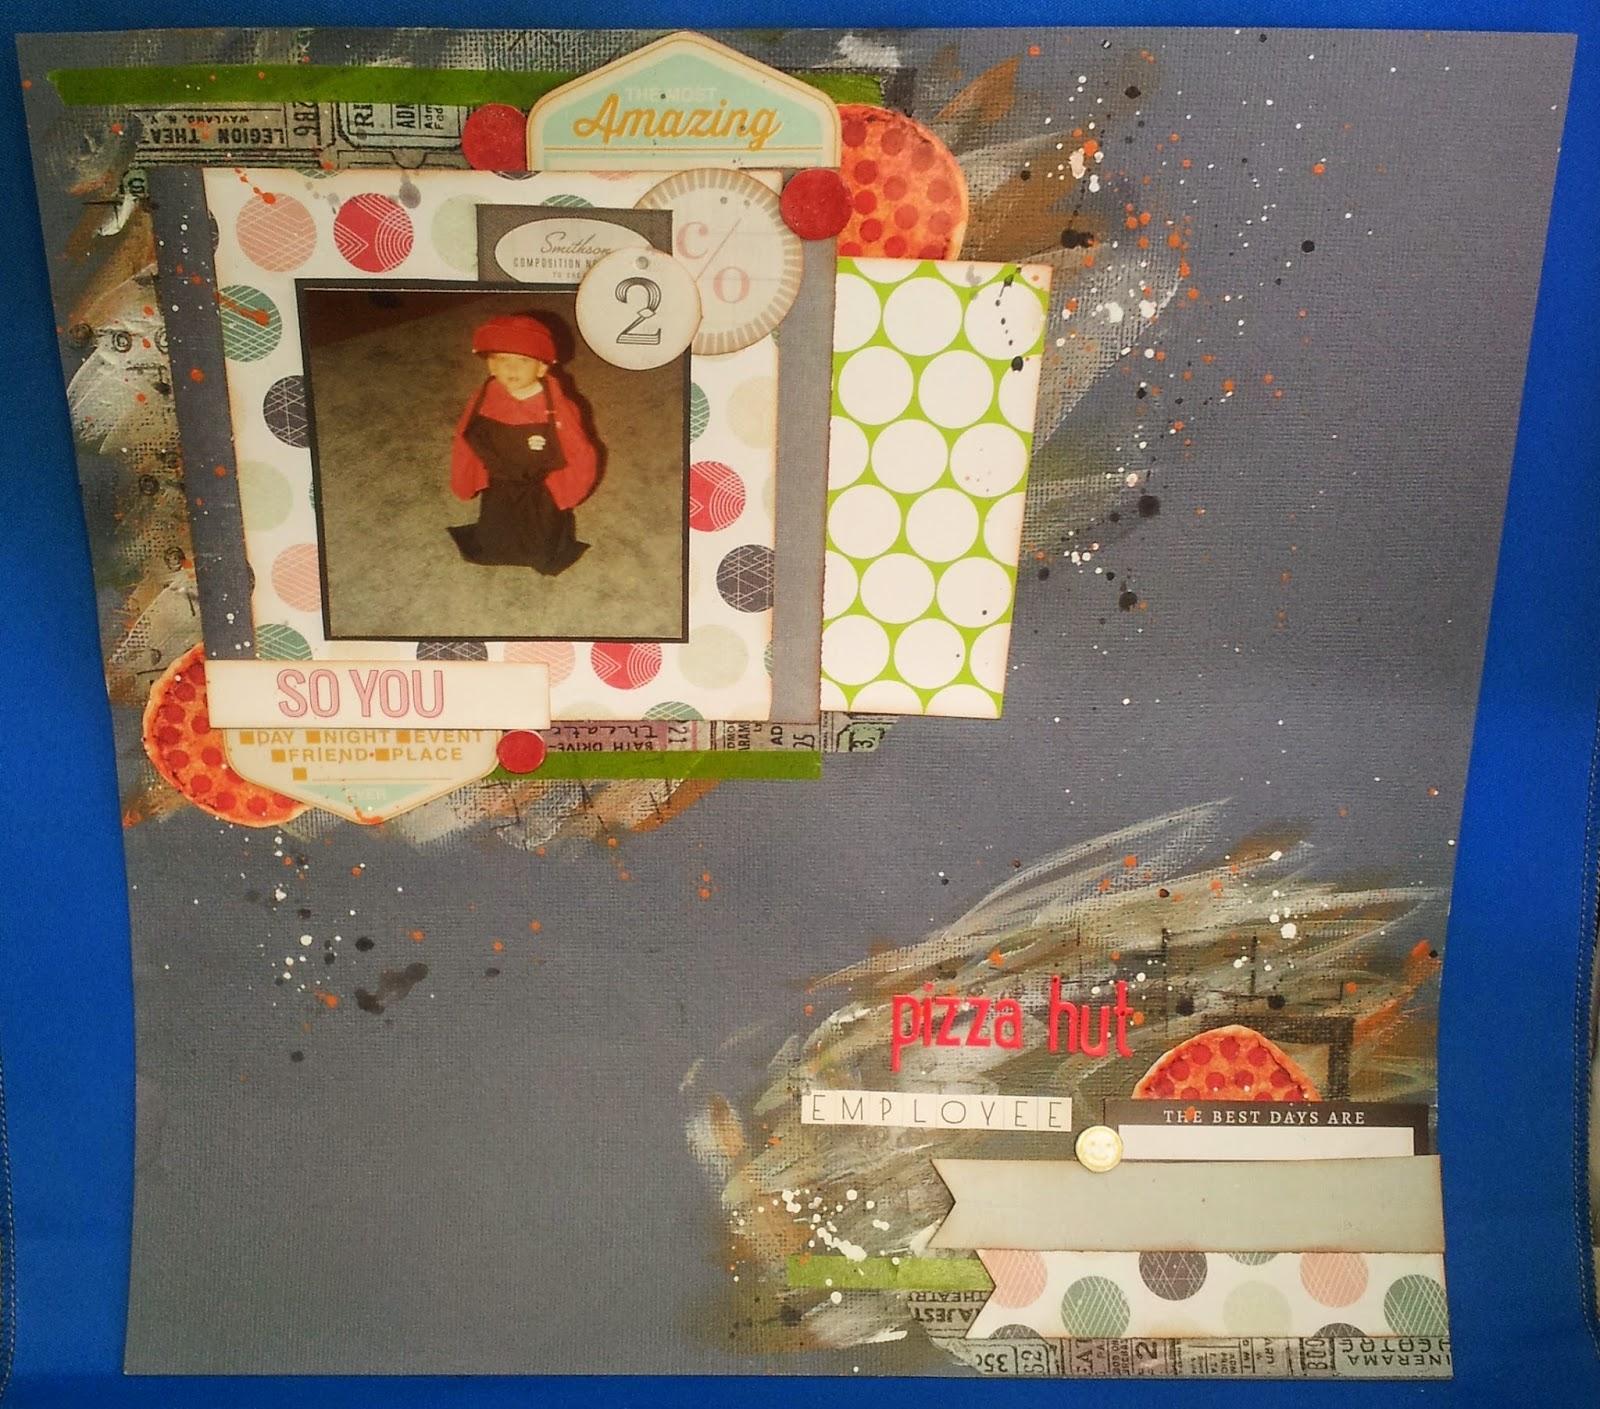 Pizza hut employee scrapbook layout